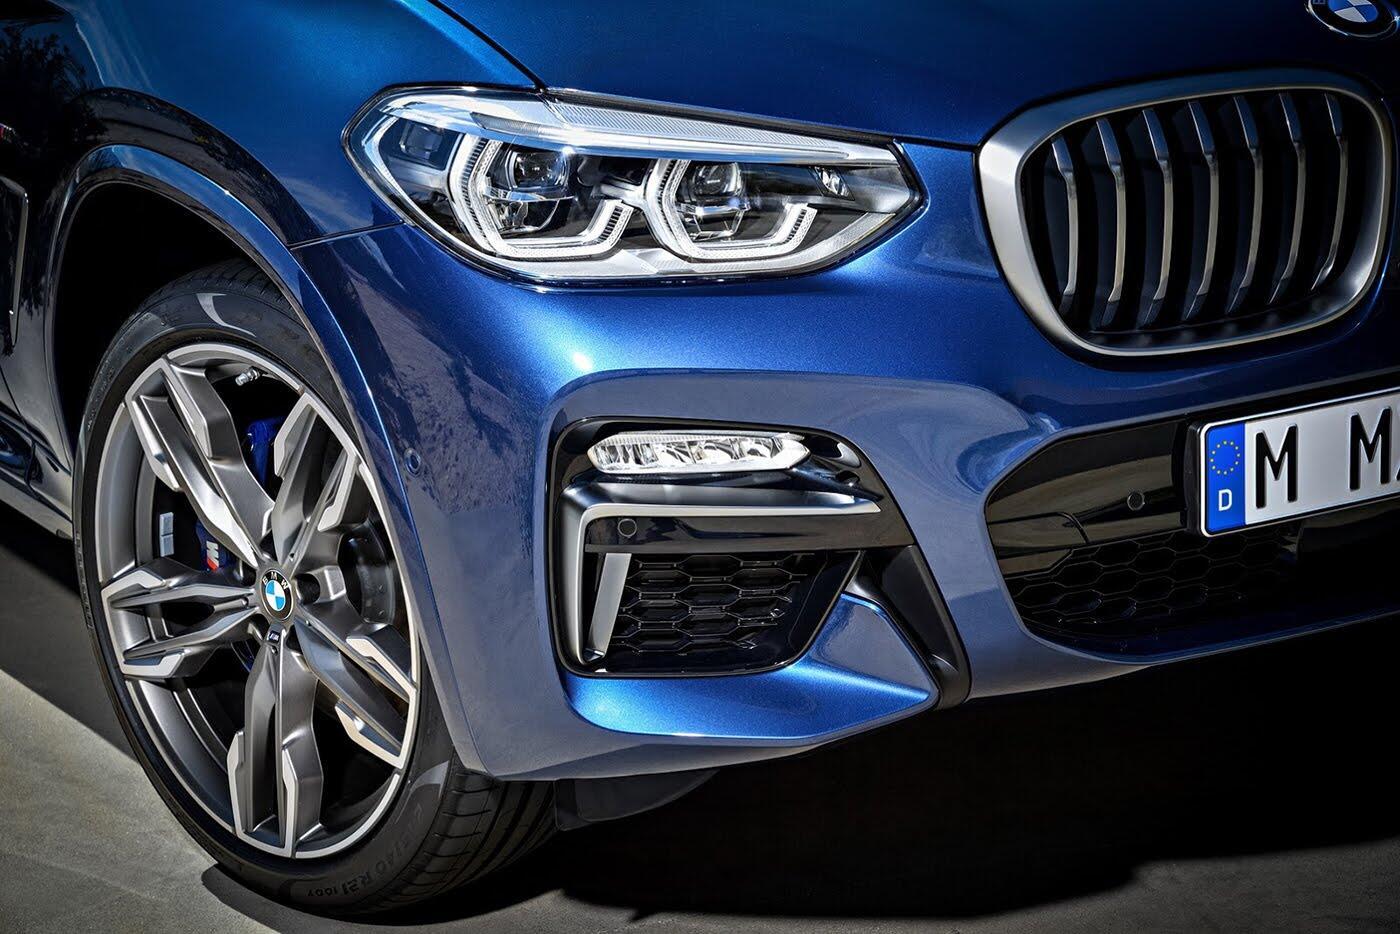 Ảnh chi tiết BMW X3 2018 hoàn toàn mới - Hình 12